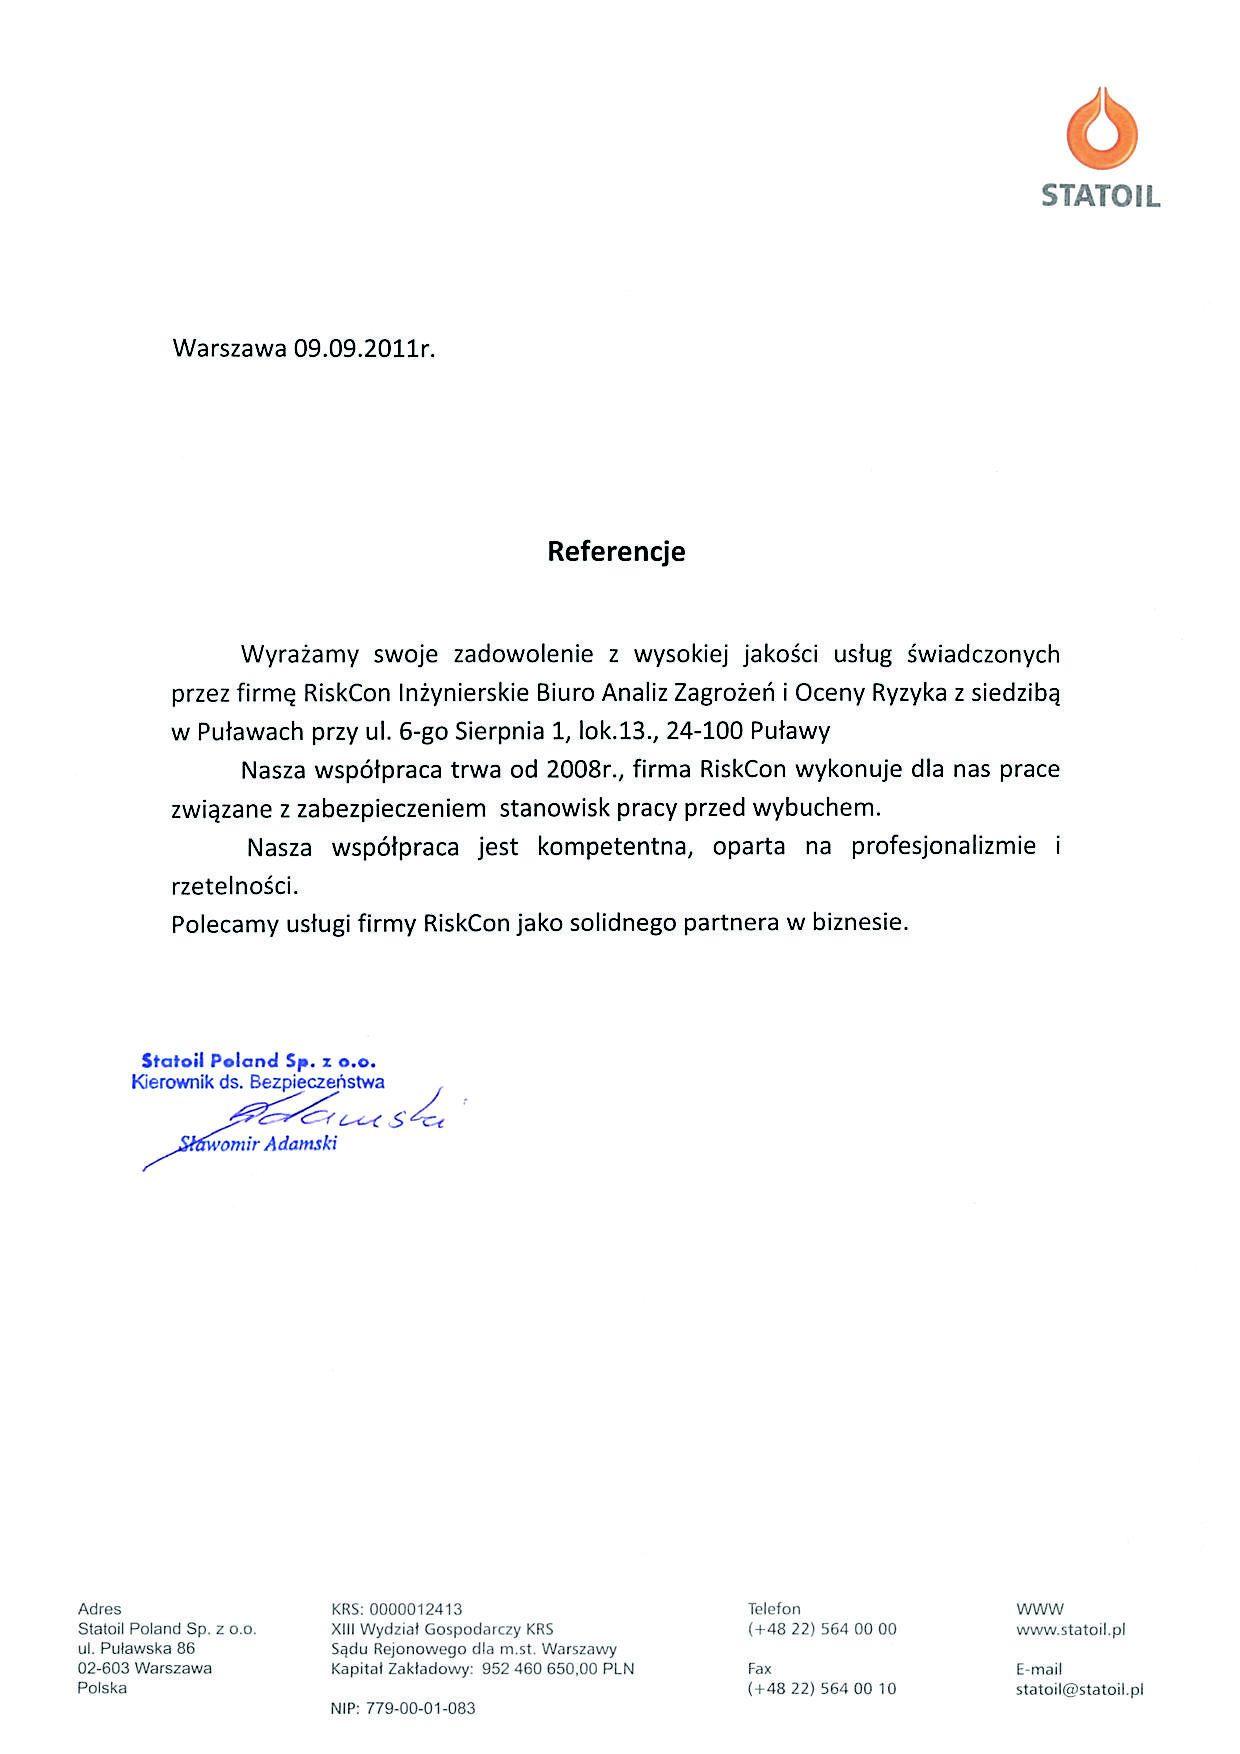 referencje statoil - O firmie